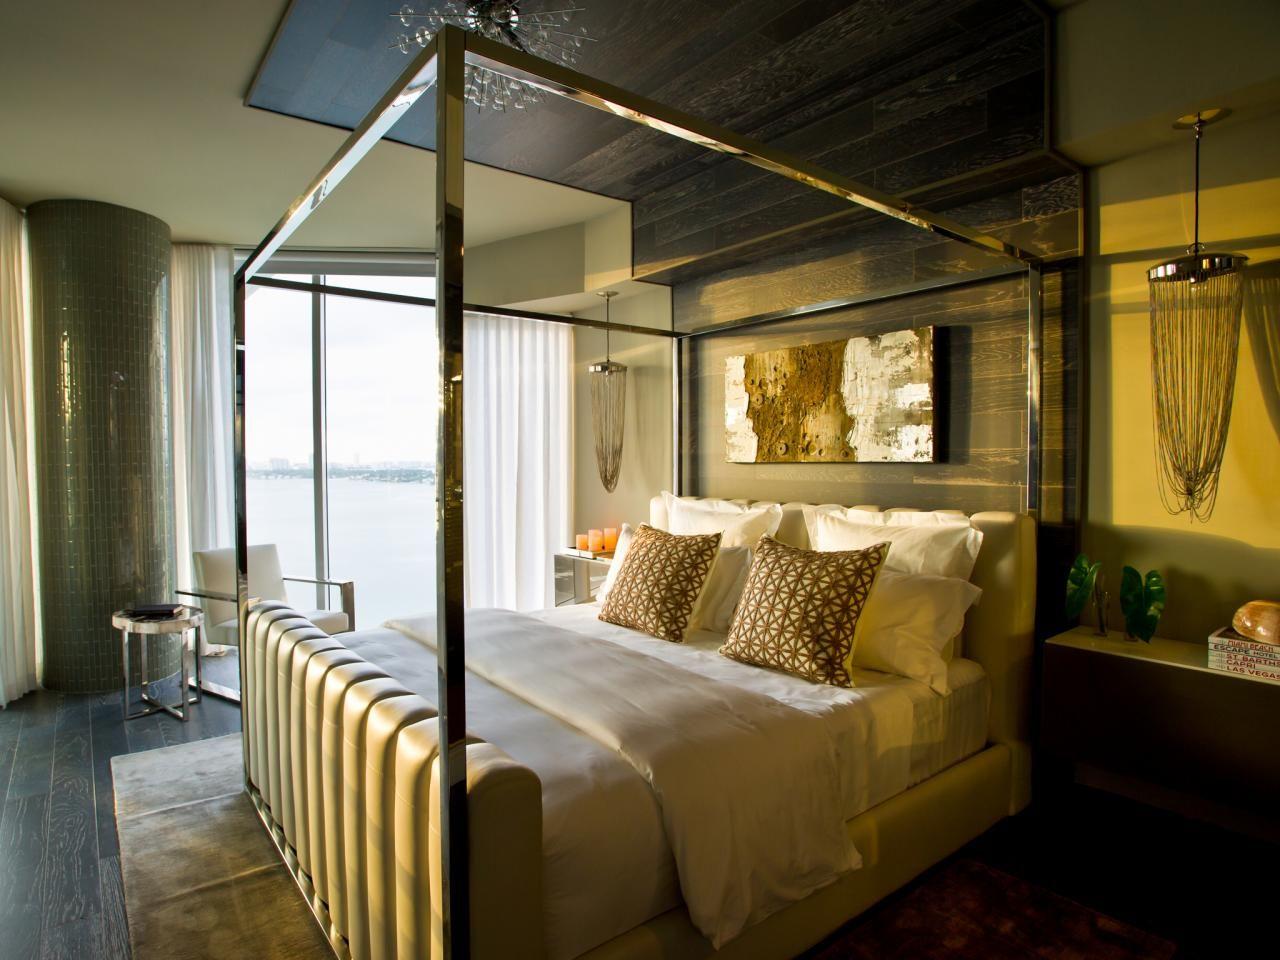 contemporer bedroom ideas large. 16 Romantic Bedrooms To Fall In Love With Contemporer Bedroom Ideas Large M